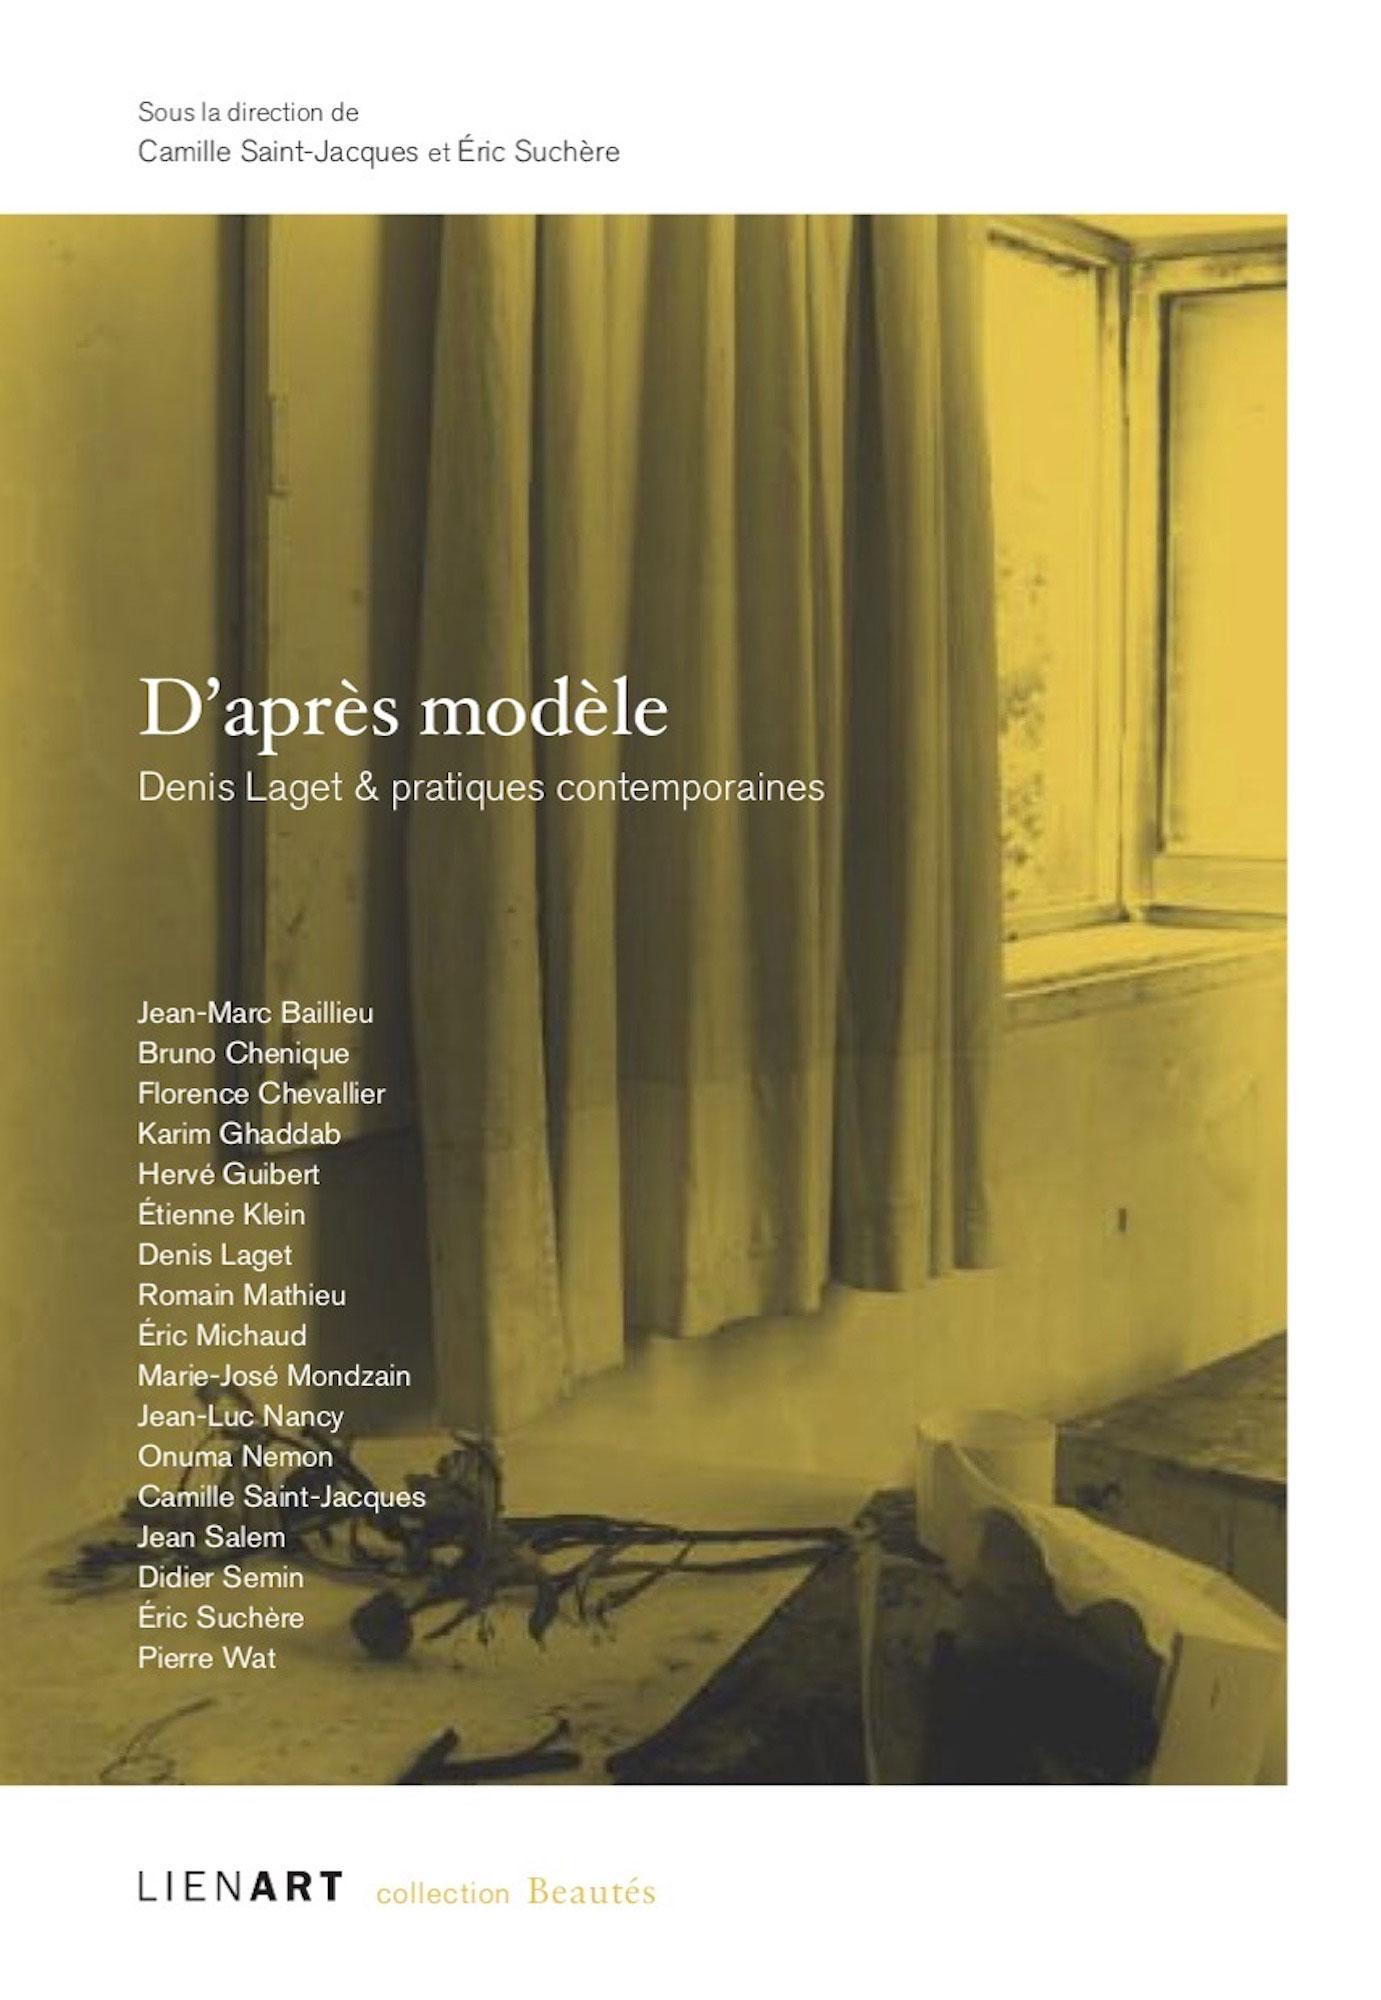 D'après modèle, Denis Laget &pratiques contemporaines